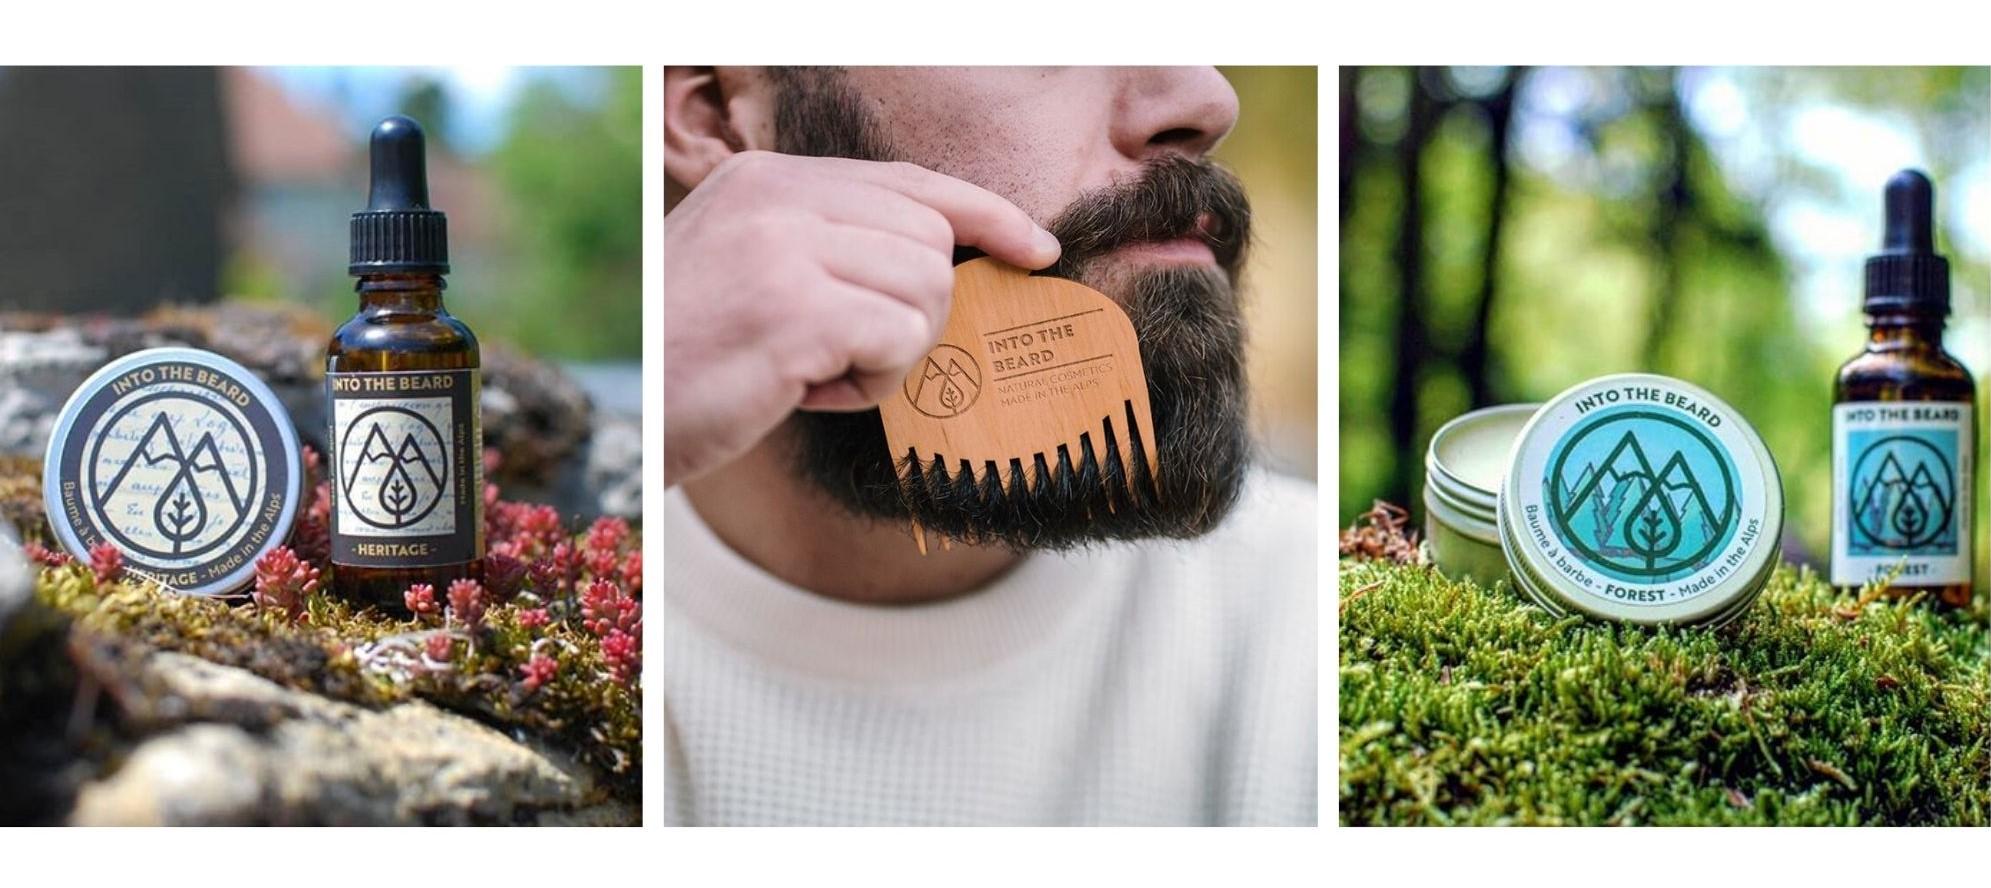 Cadeaux originaux pour la fête des pères Into The beard